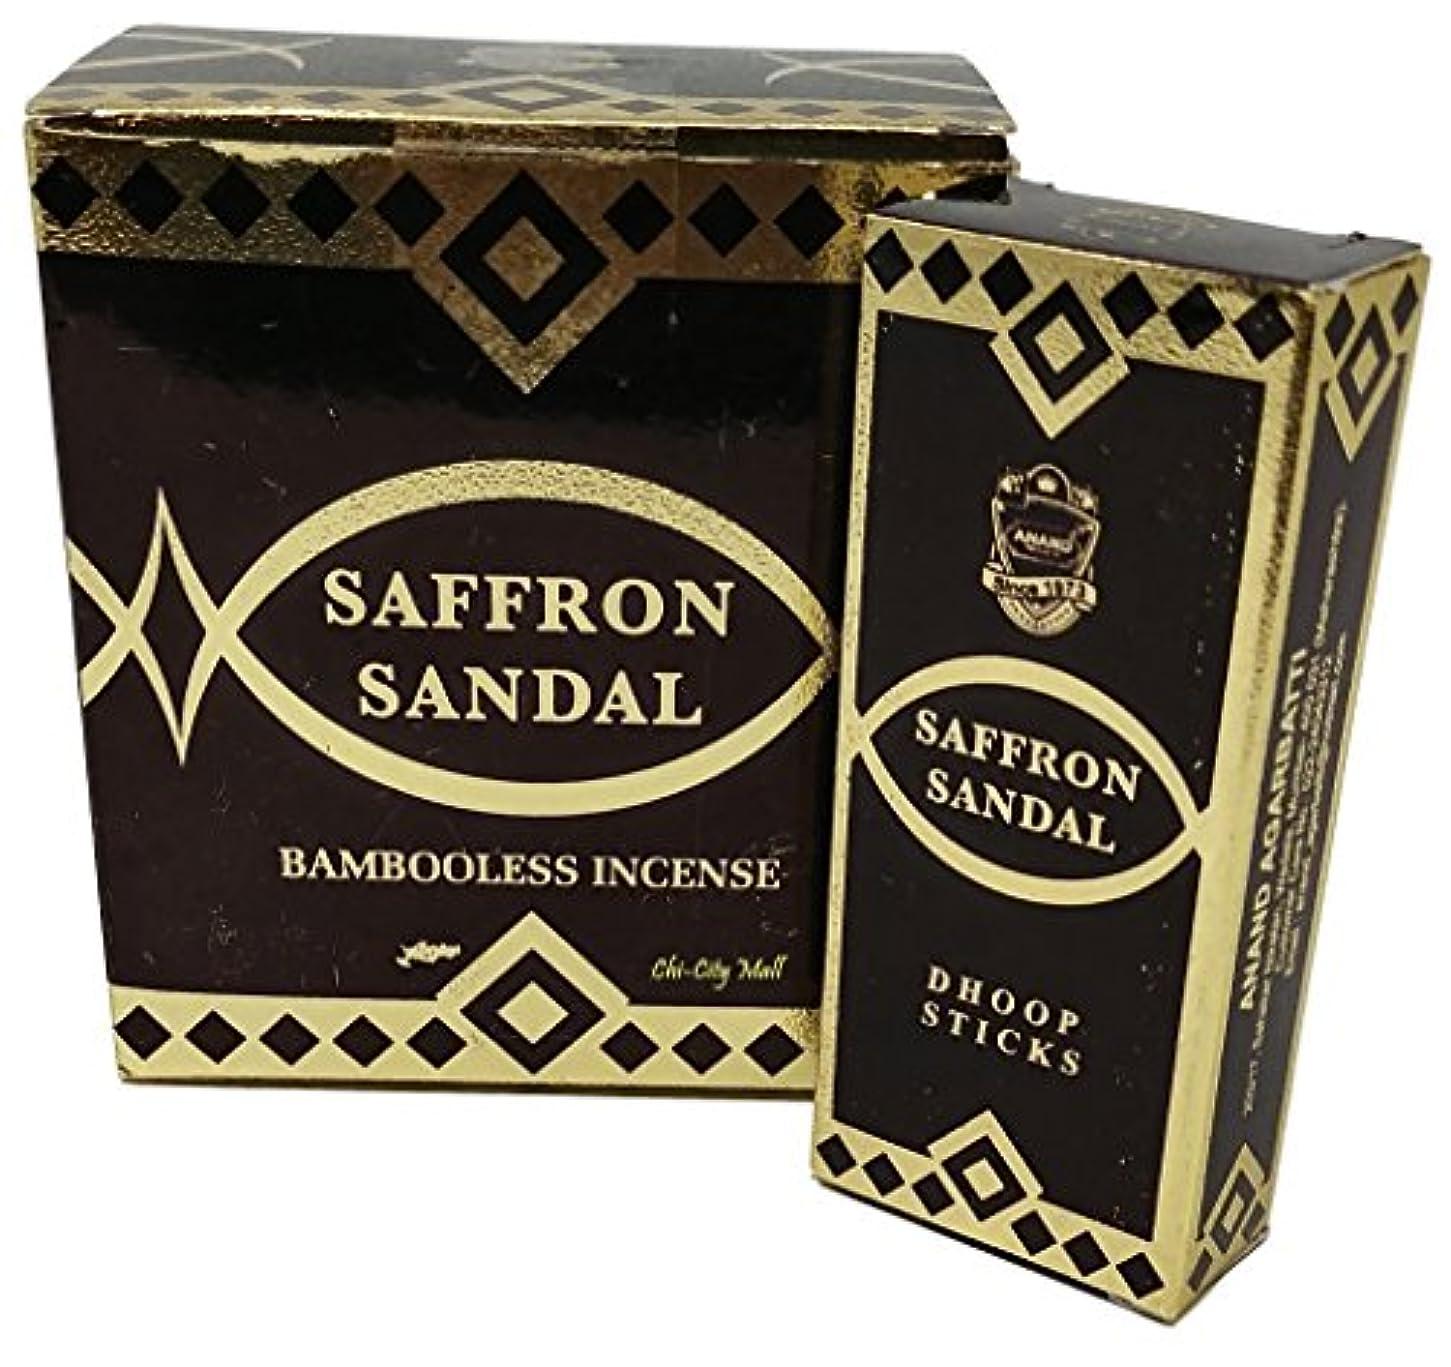 マキシム宣言全員Chi-City Mall Saffron Sandal Bambooless Incense - Dhoop Sticks Anand Agarbatti Hand-rolled in India 15 Sticks...